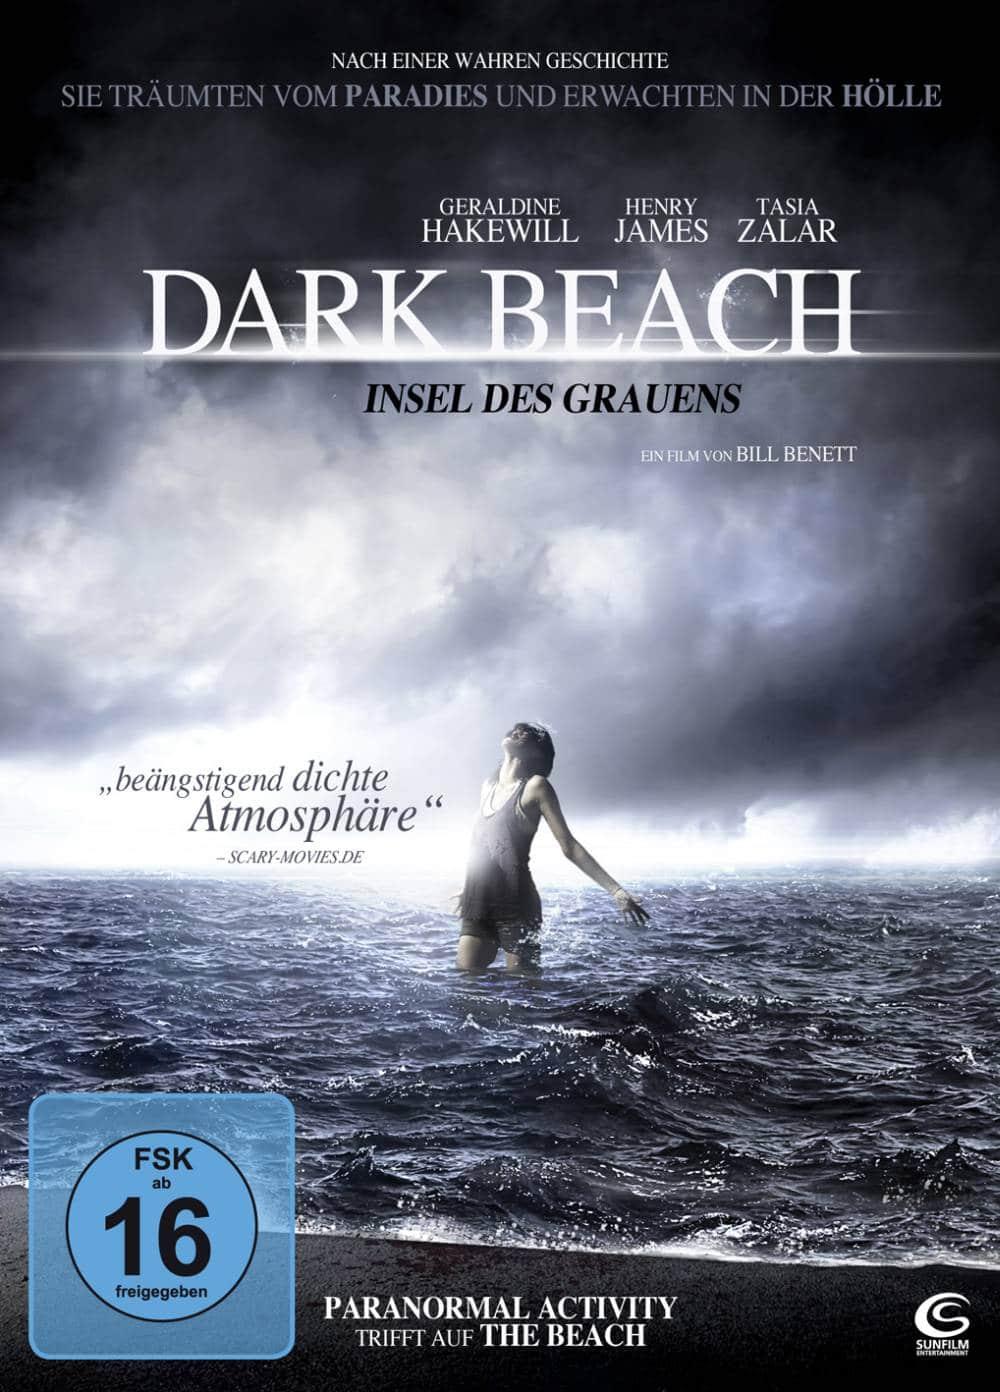 Dark Beach Komplette Handlung